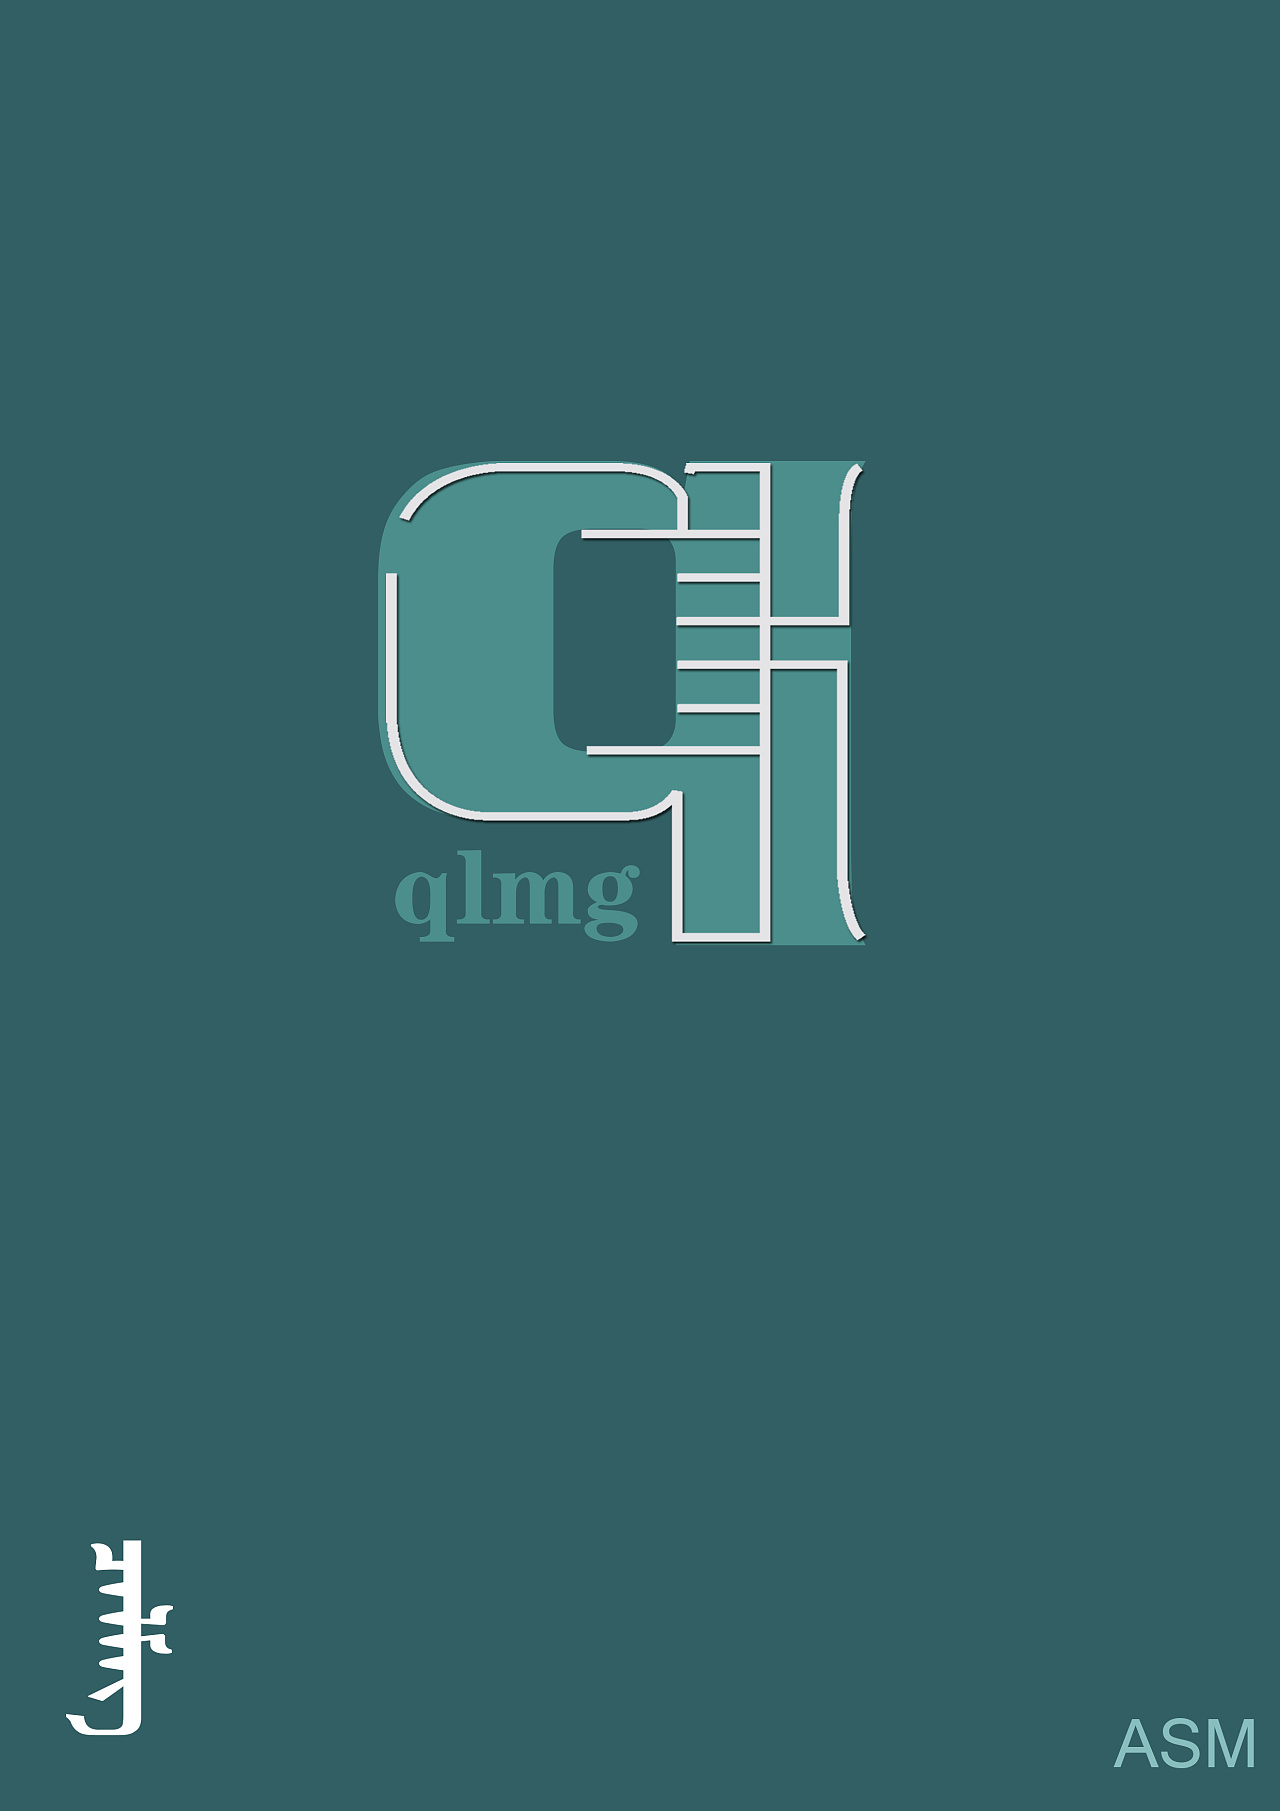 蒙古艺术文字2 -阿斯玛设计